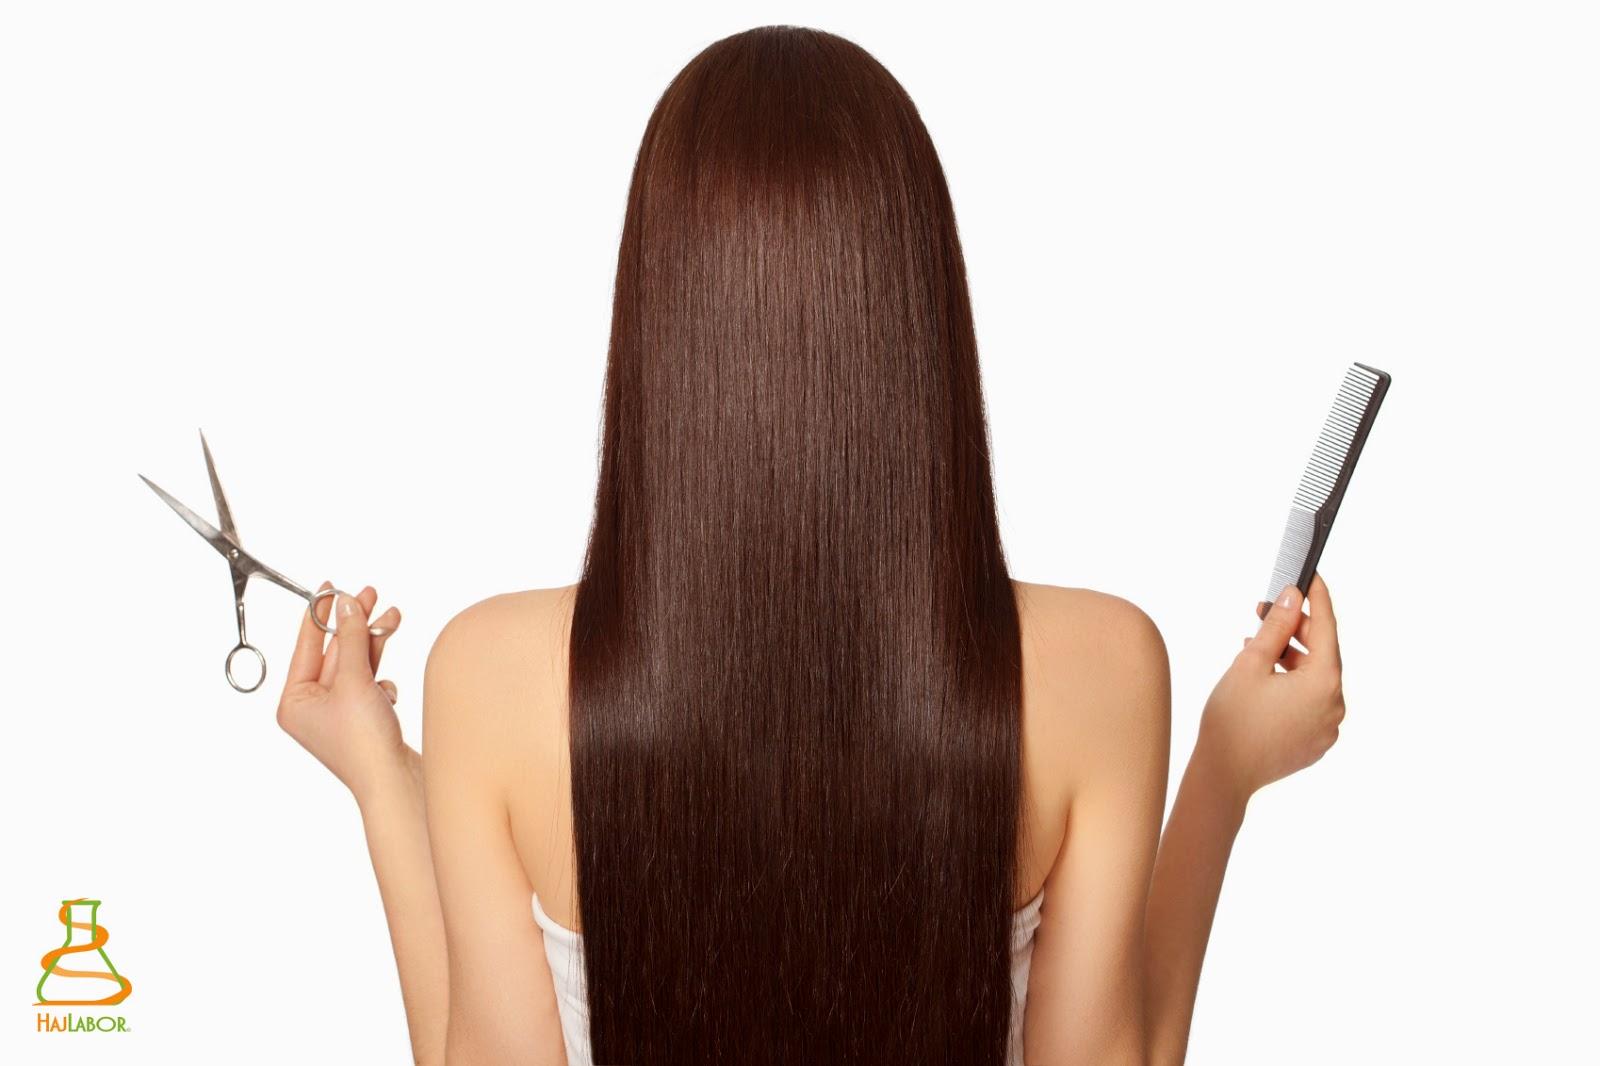 hajszövet analízis, hajszövet elemzés, hajlabor, hajelemzés, hajanalízis, hajdiagnosztika, hajszáldiagnosztika, hajszálanalízis